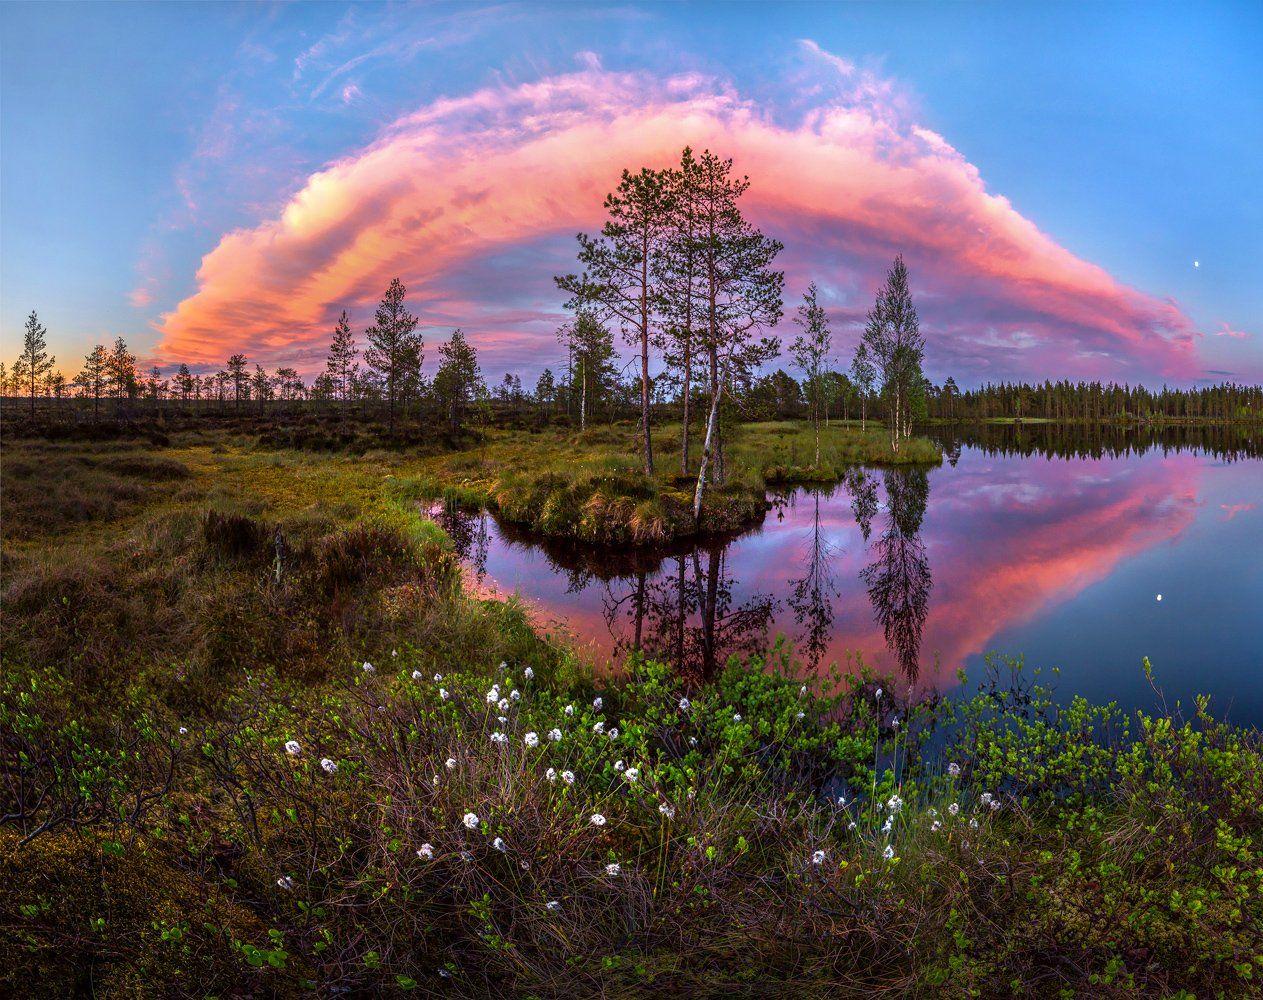 север, белые ночи, лето, озеро, сосны, облака, пушица., Лашков Фёдор